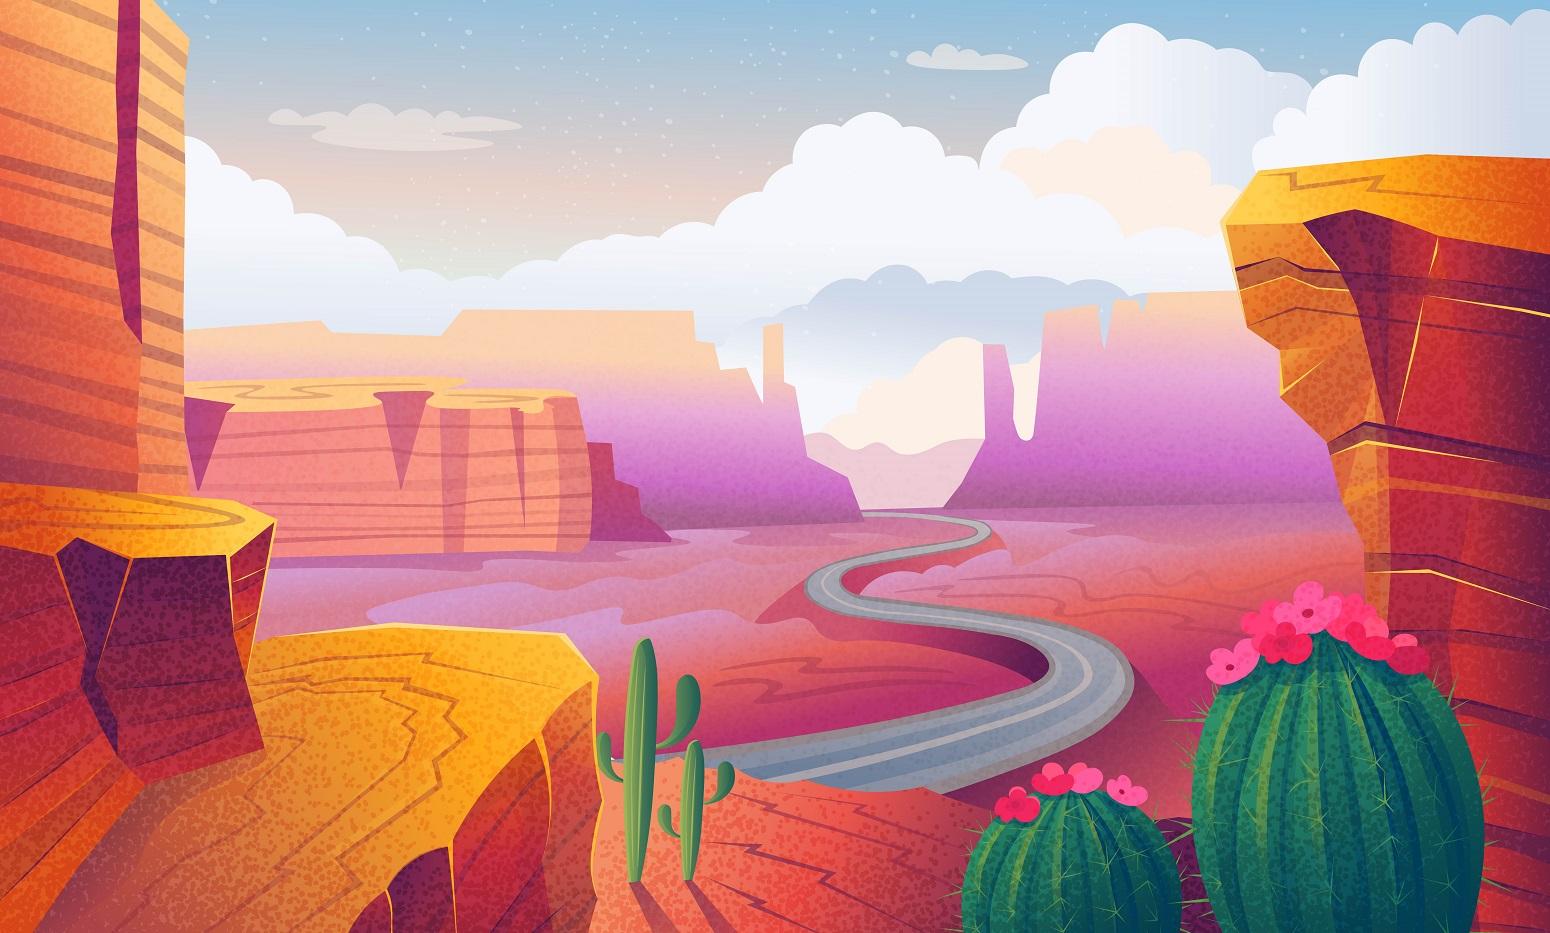 dibujantes animados viajacontuhijo